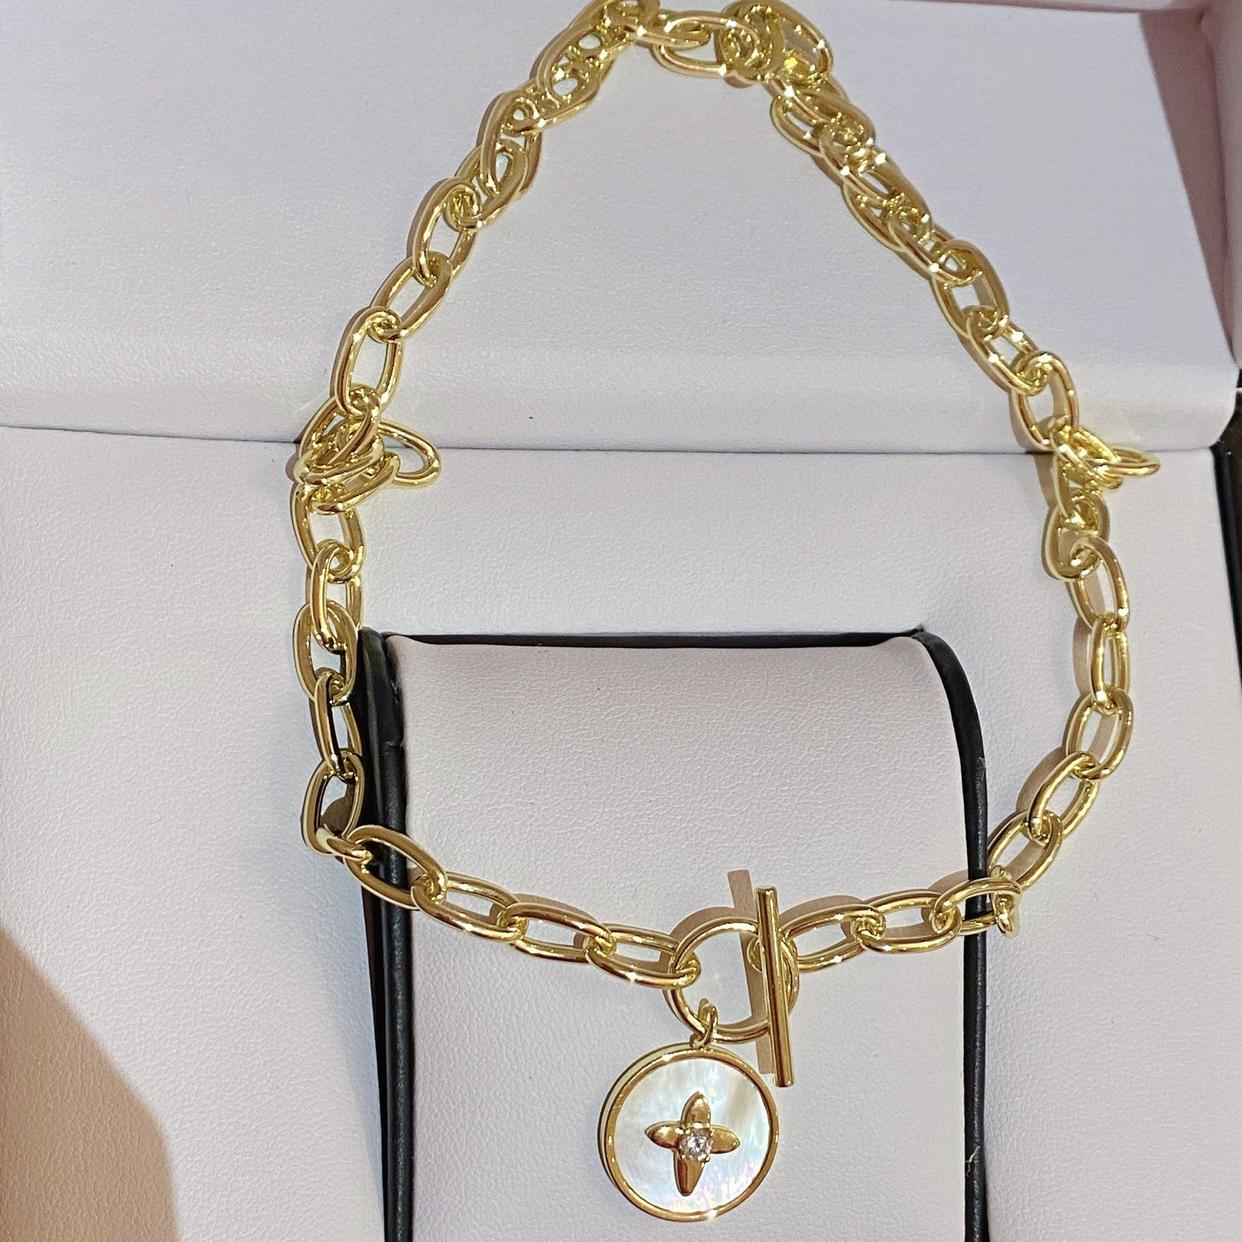 欧美天然圆形白贝母项链星芒链条粗宽巴洛克锁OT型锁骨链